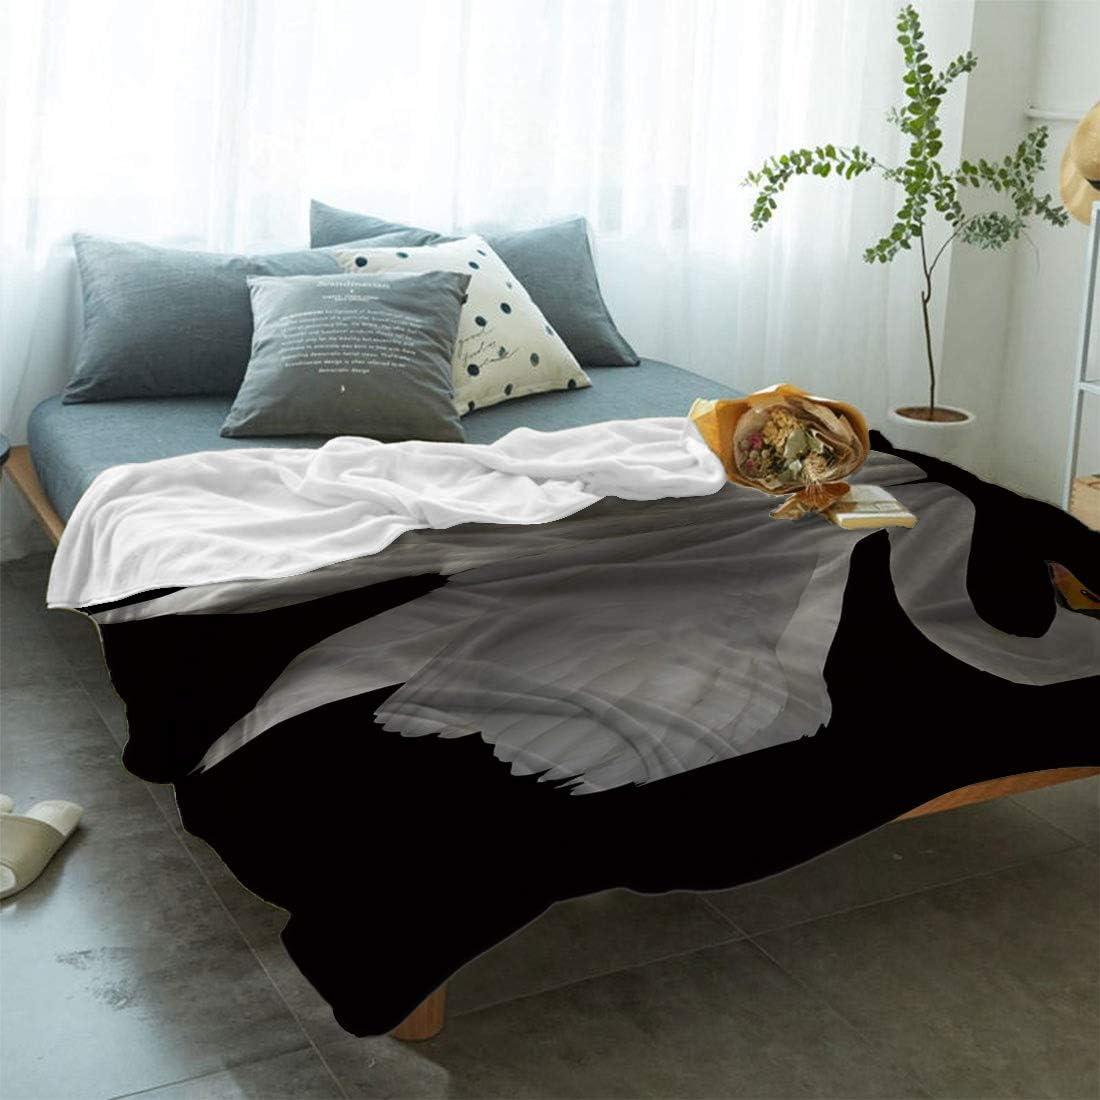 fancy-swan-themed-blankets